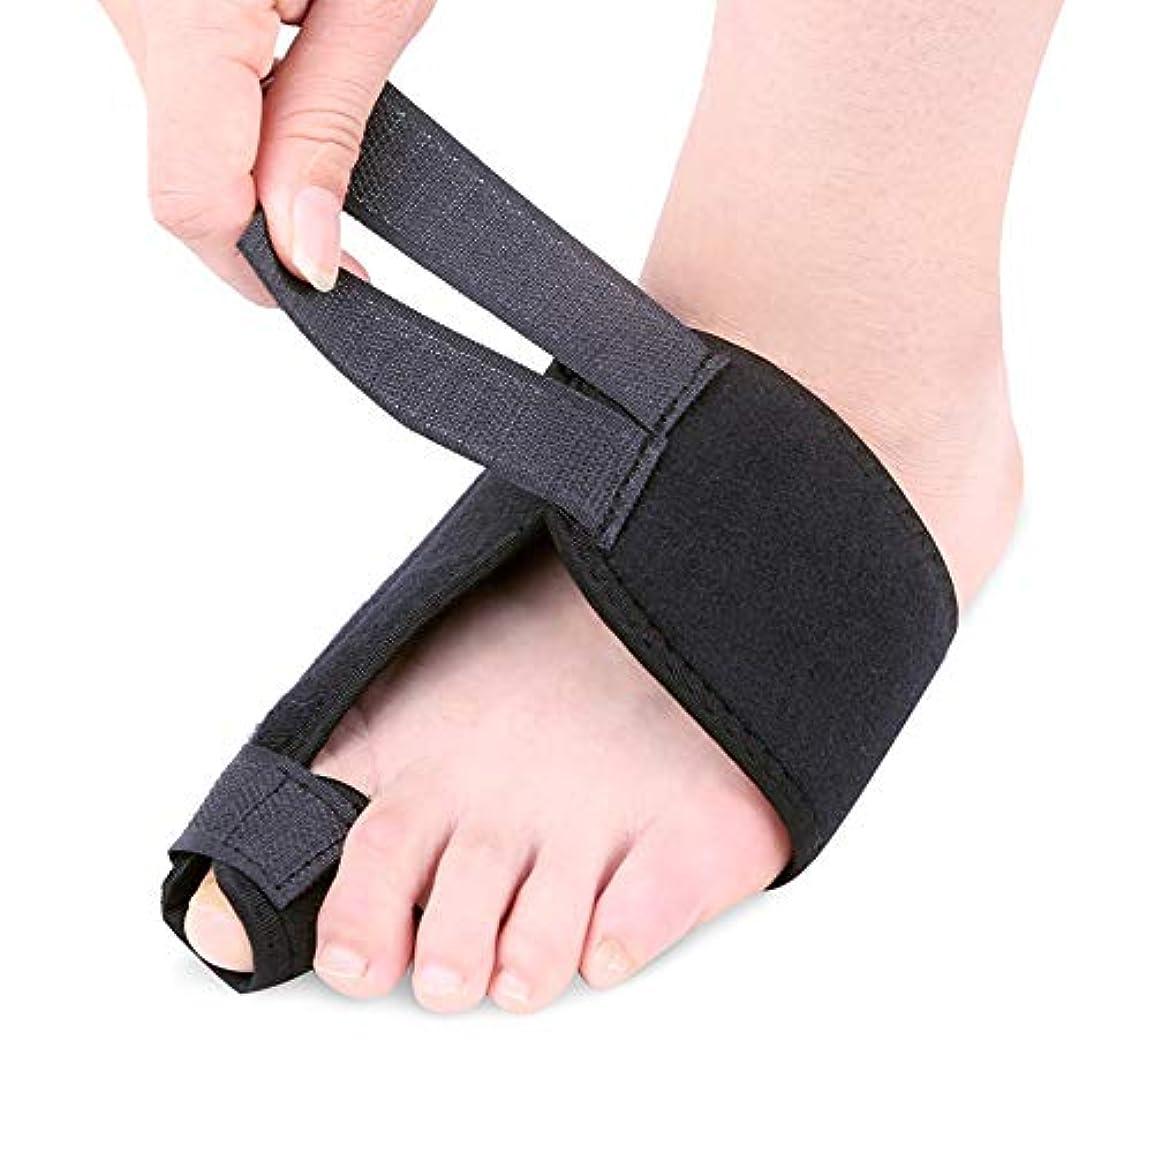 外反母趾足指セパレーターは足指重複嚢胞通気性吸収汗を予防し、ヨガ後の痛みと変形を軽減,M